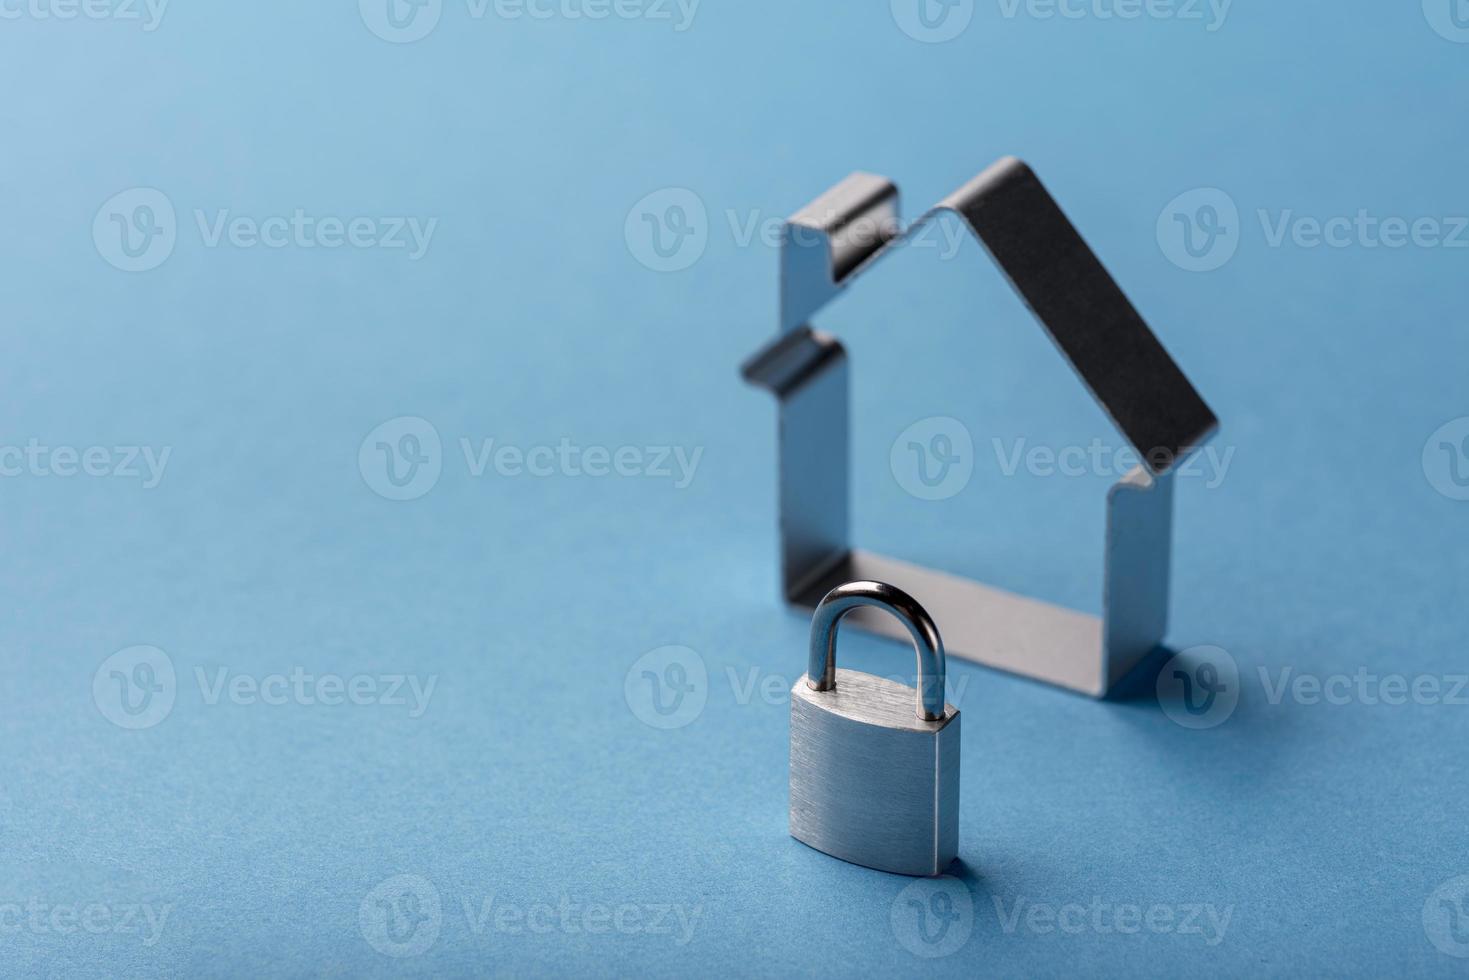 casa in miniatura ad alto angolo e serratura con spazio di copia su sfondo blu foto